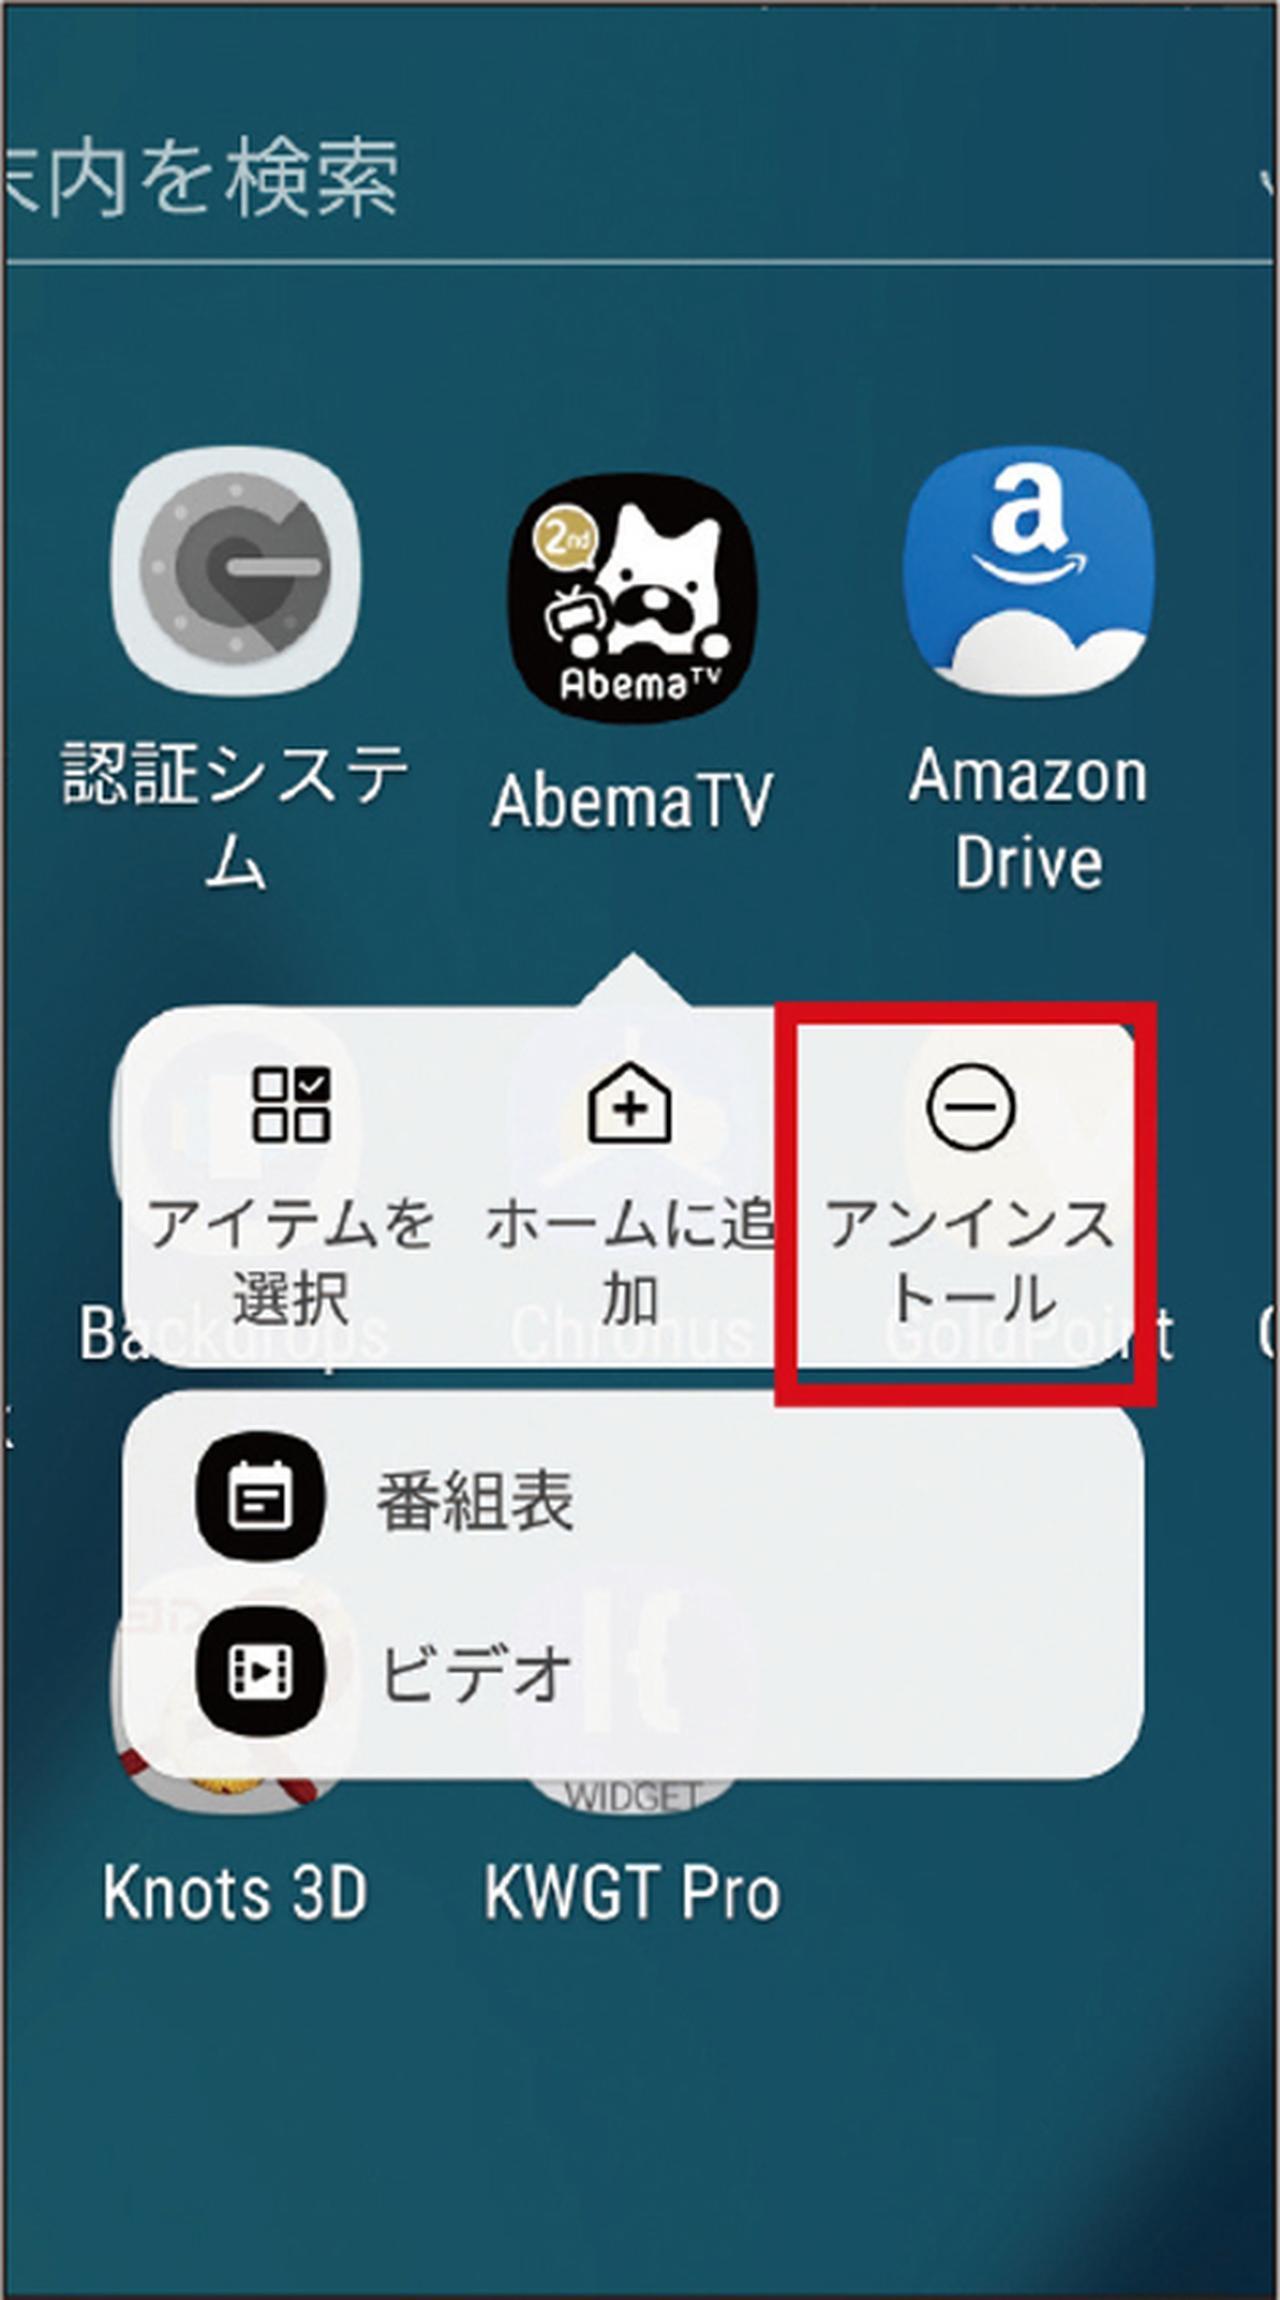 画像: 最新のAndroid端末では、アプリアイコンの長押しで現れるサブメニューからアンインストールを実行できる場合が多い。